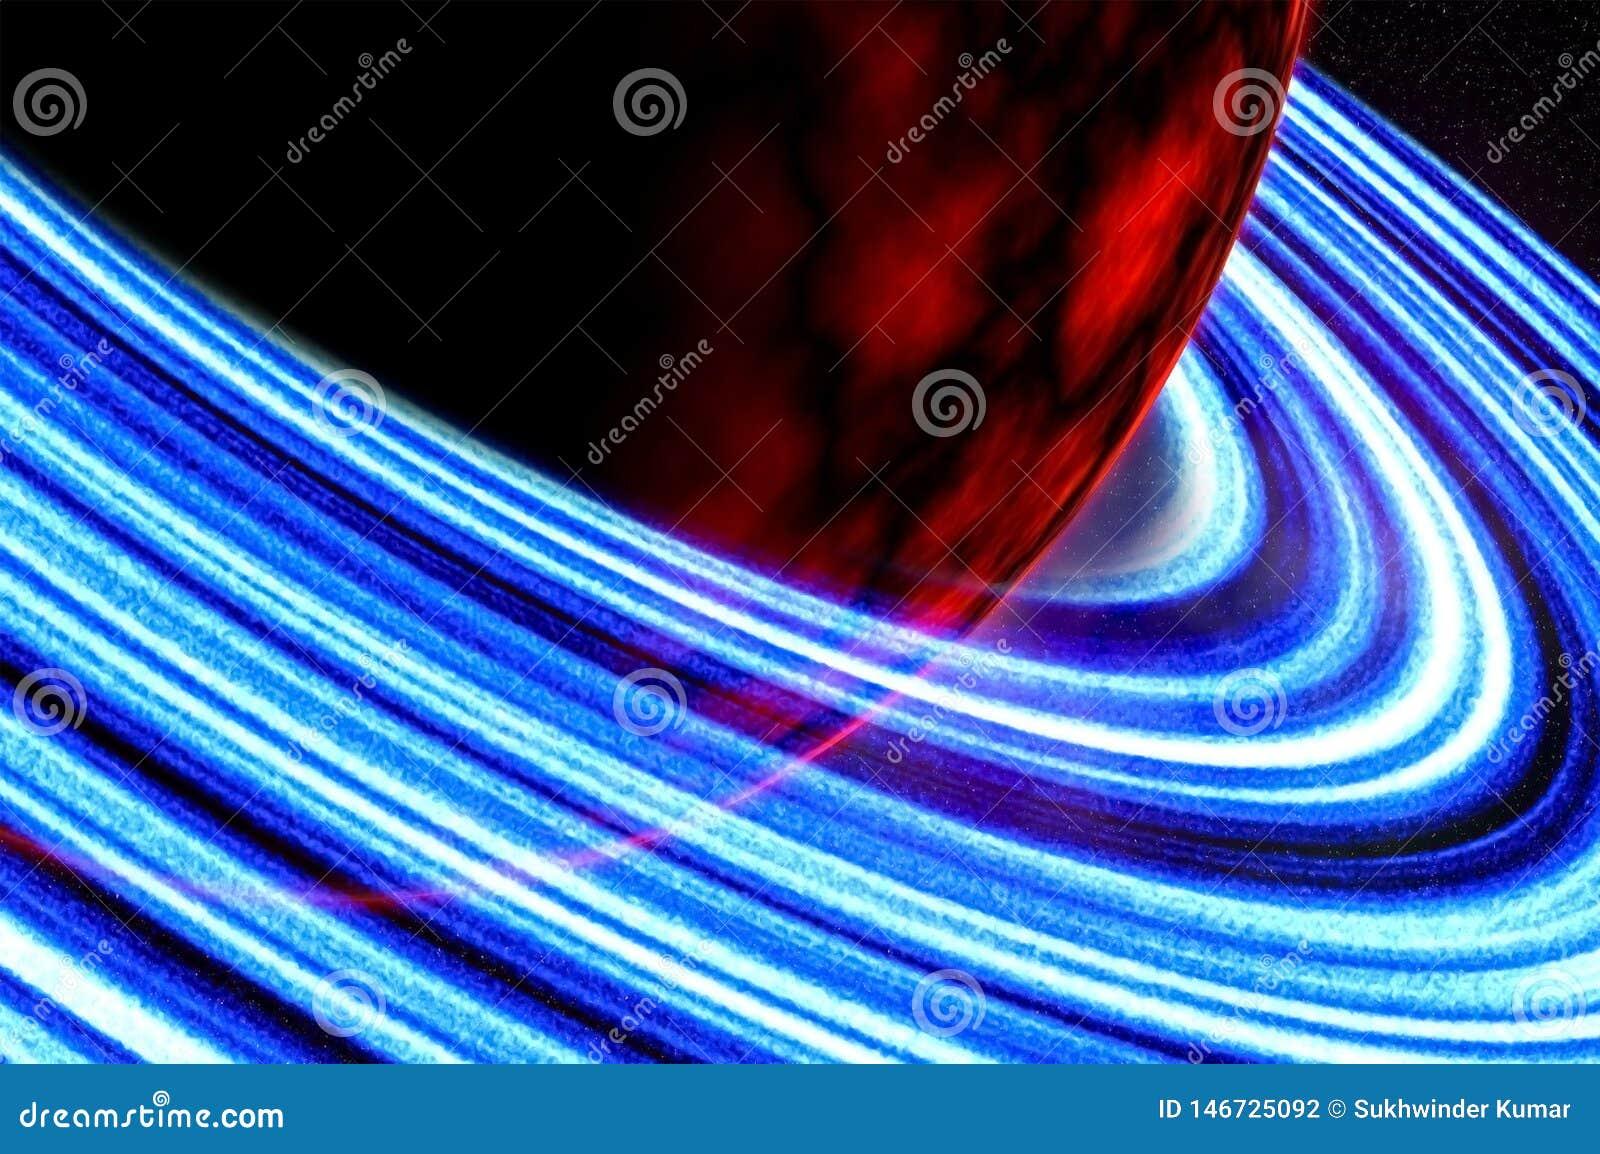 Roter Planet oder beschädigt nahe Ansicht des Bildes